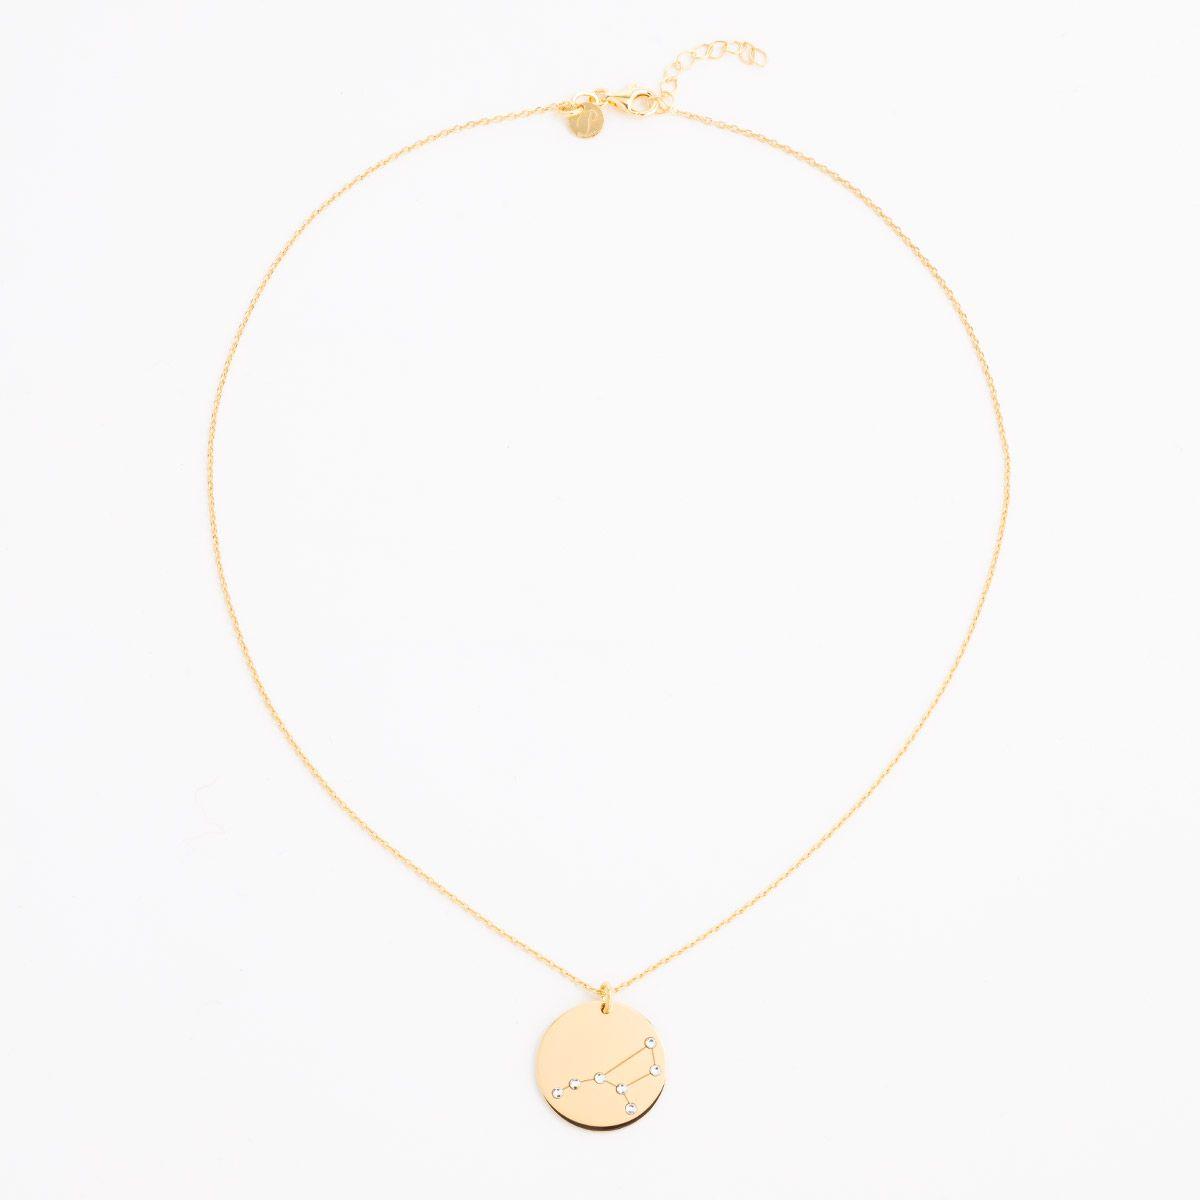 Eva - Halsketten - 18k vergoldet